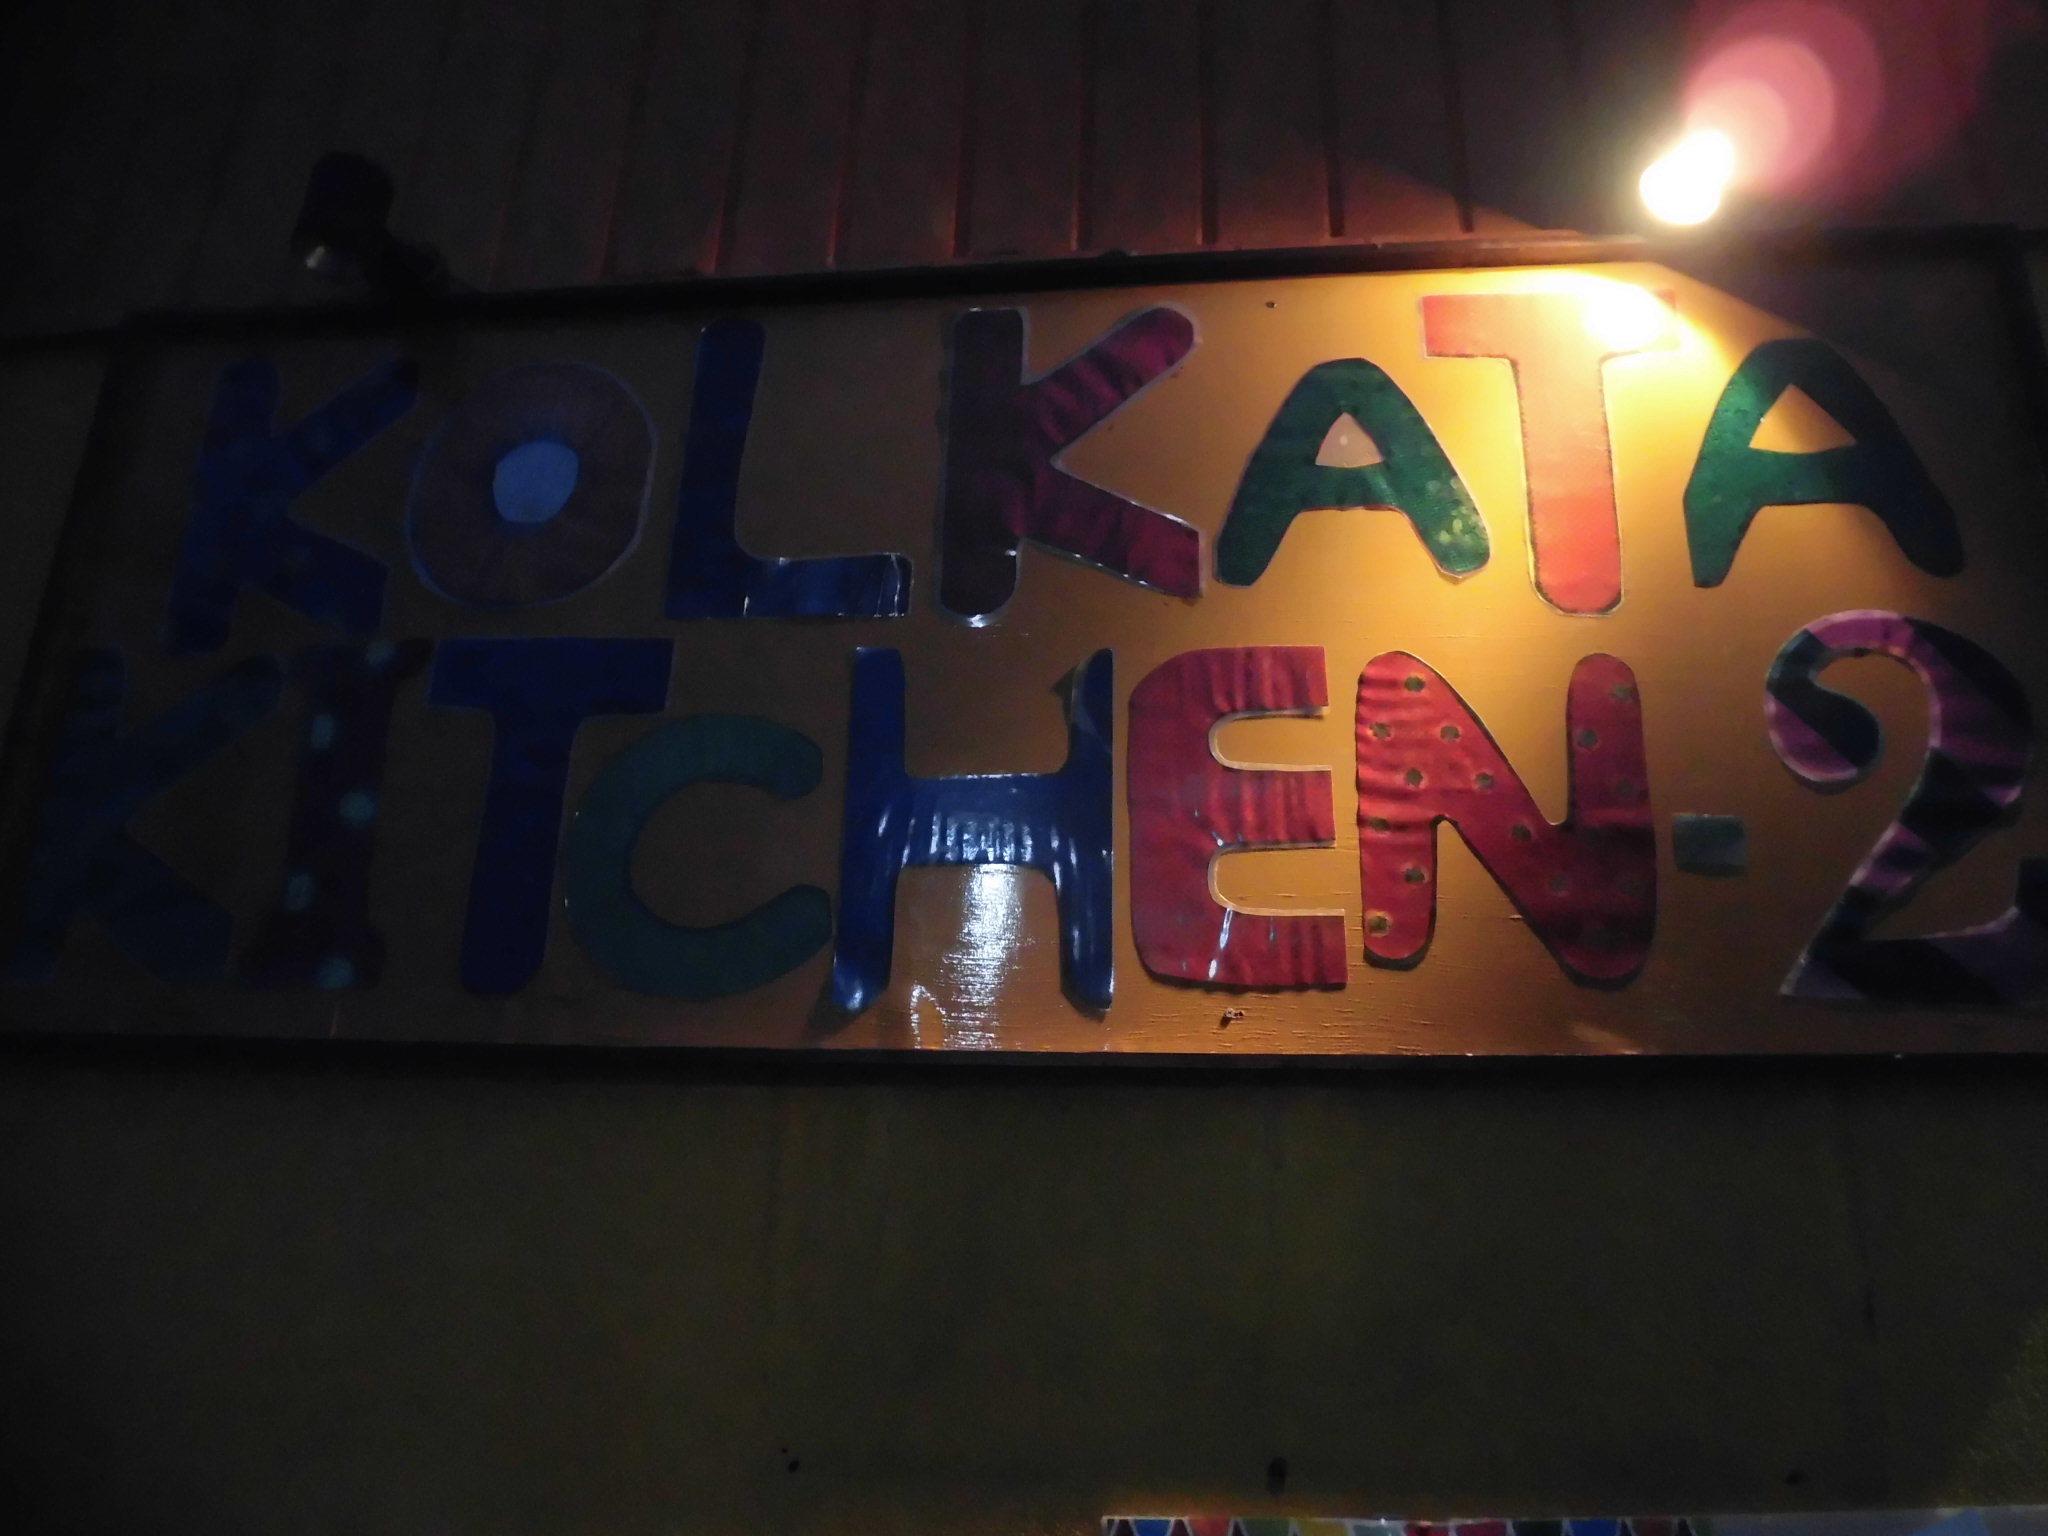 コルカタ・キッチン 2号店 name=